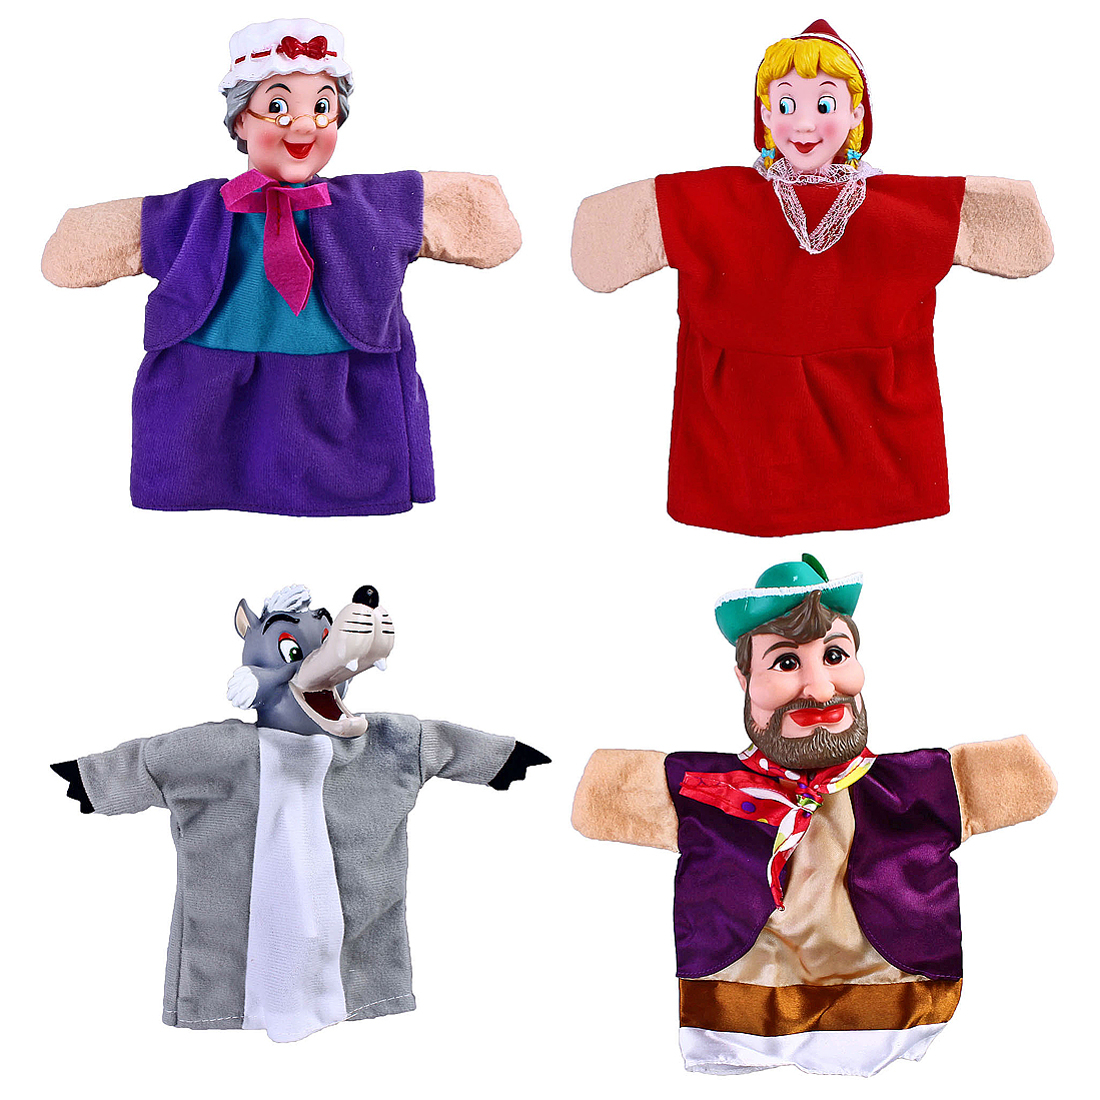 Развивающие игрушки Жирафики Кукольный театр Жирафики «Красная шапочка» 4 куклы анданте кукольный театр красная шапочка